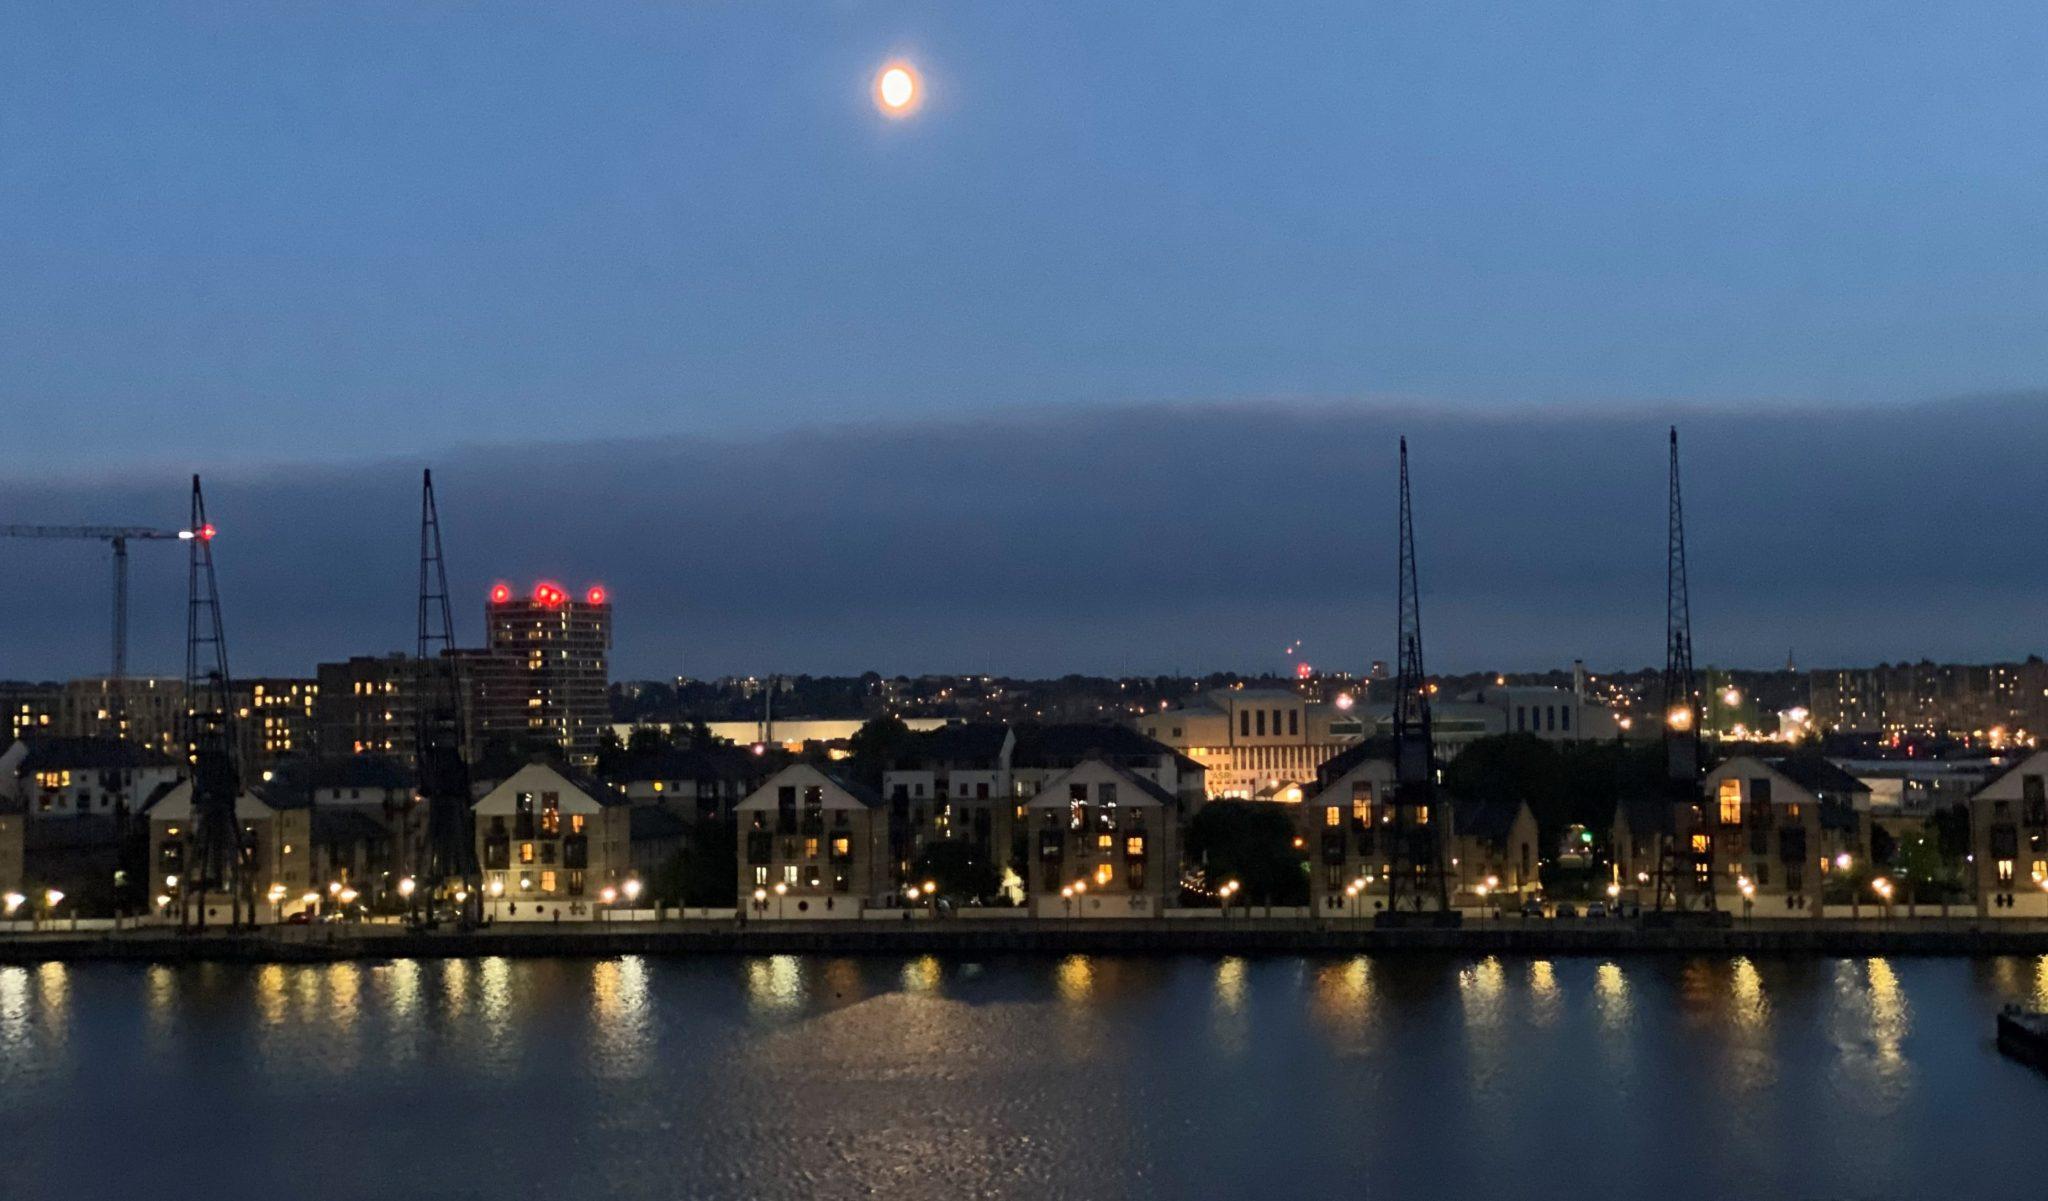 Royal Victoria dock at night